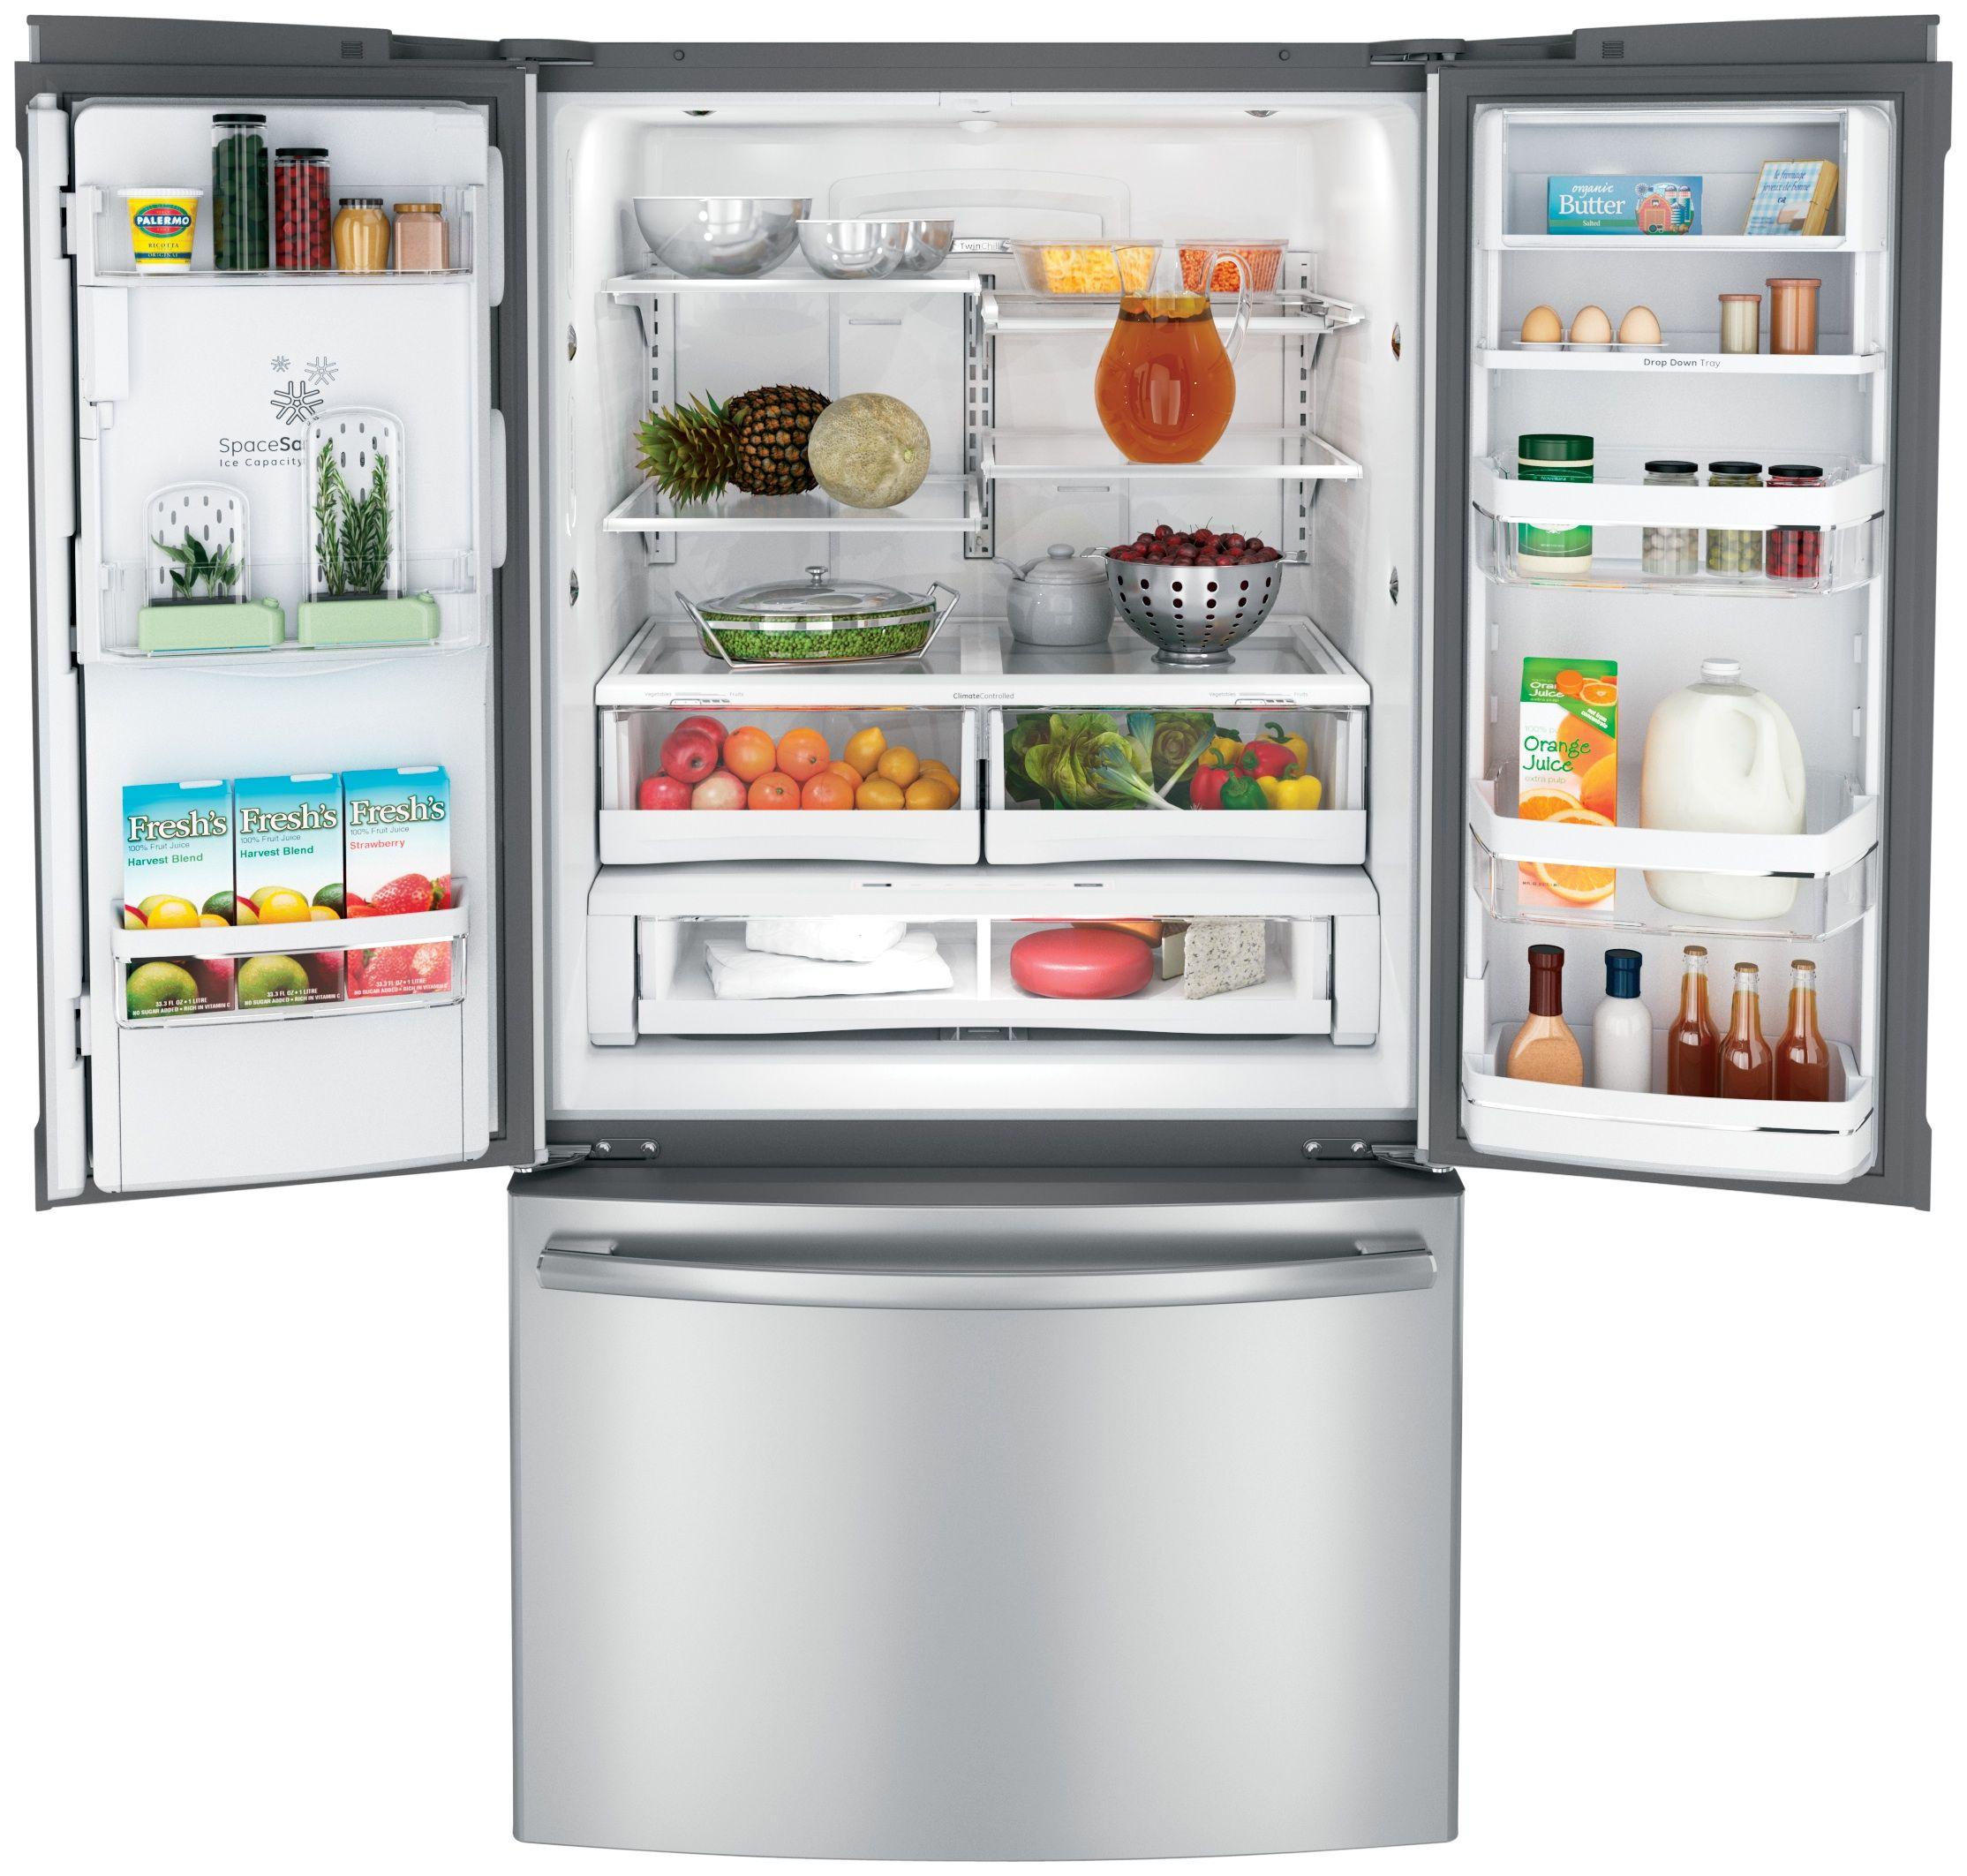 Ge French Door Refrigerators French Door Refrigerator